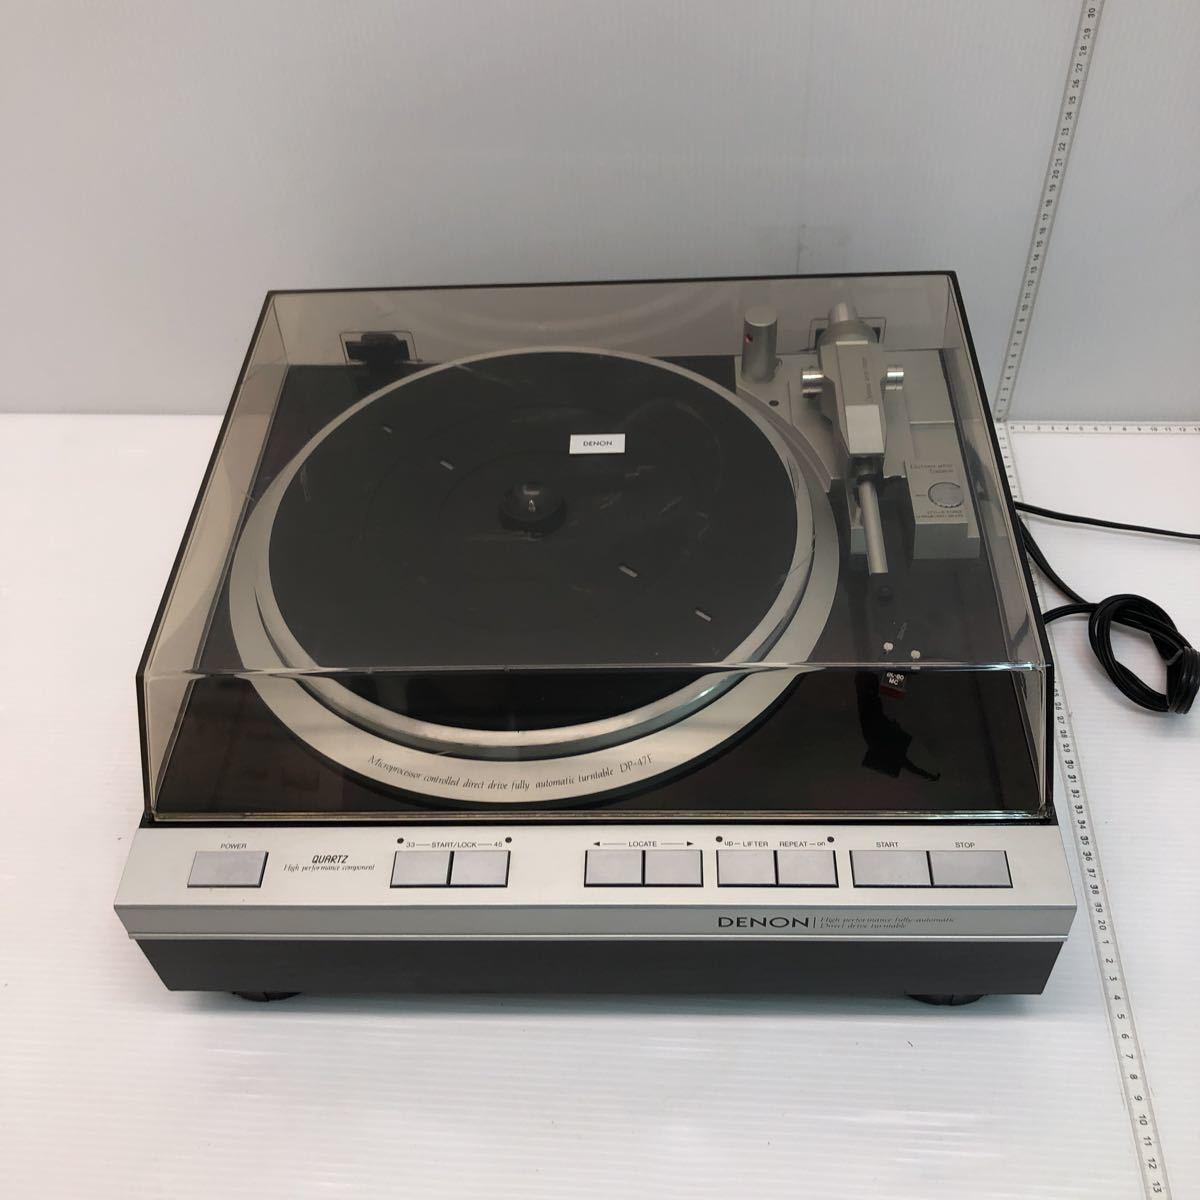 DENON デノン レコードプレーヤー DP-47F 通電のみ確認 ジャンク 1円スタート